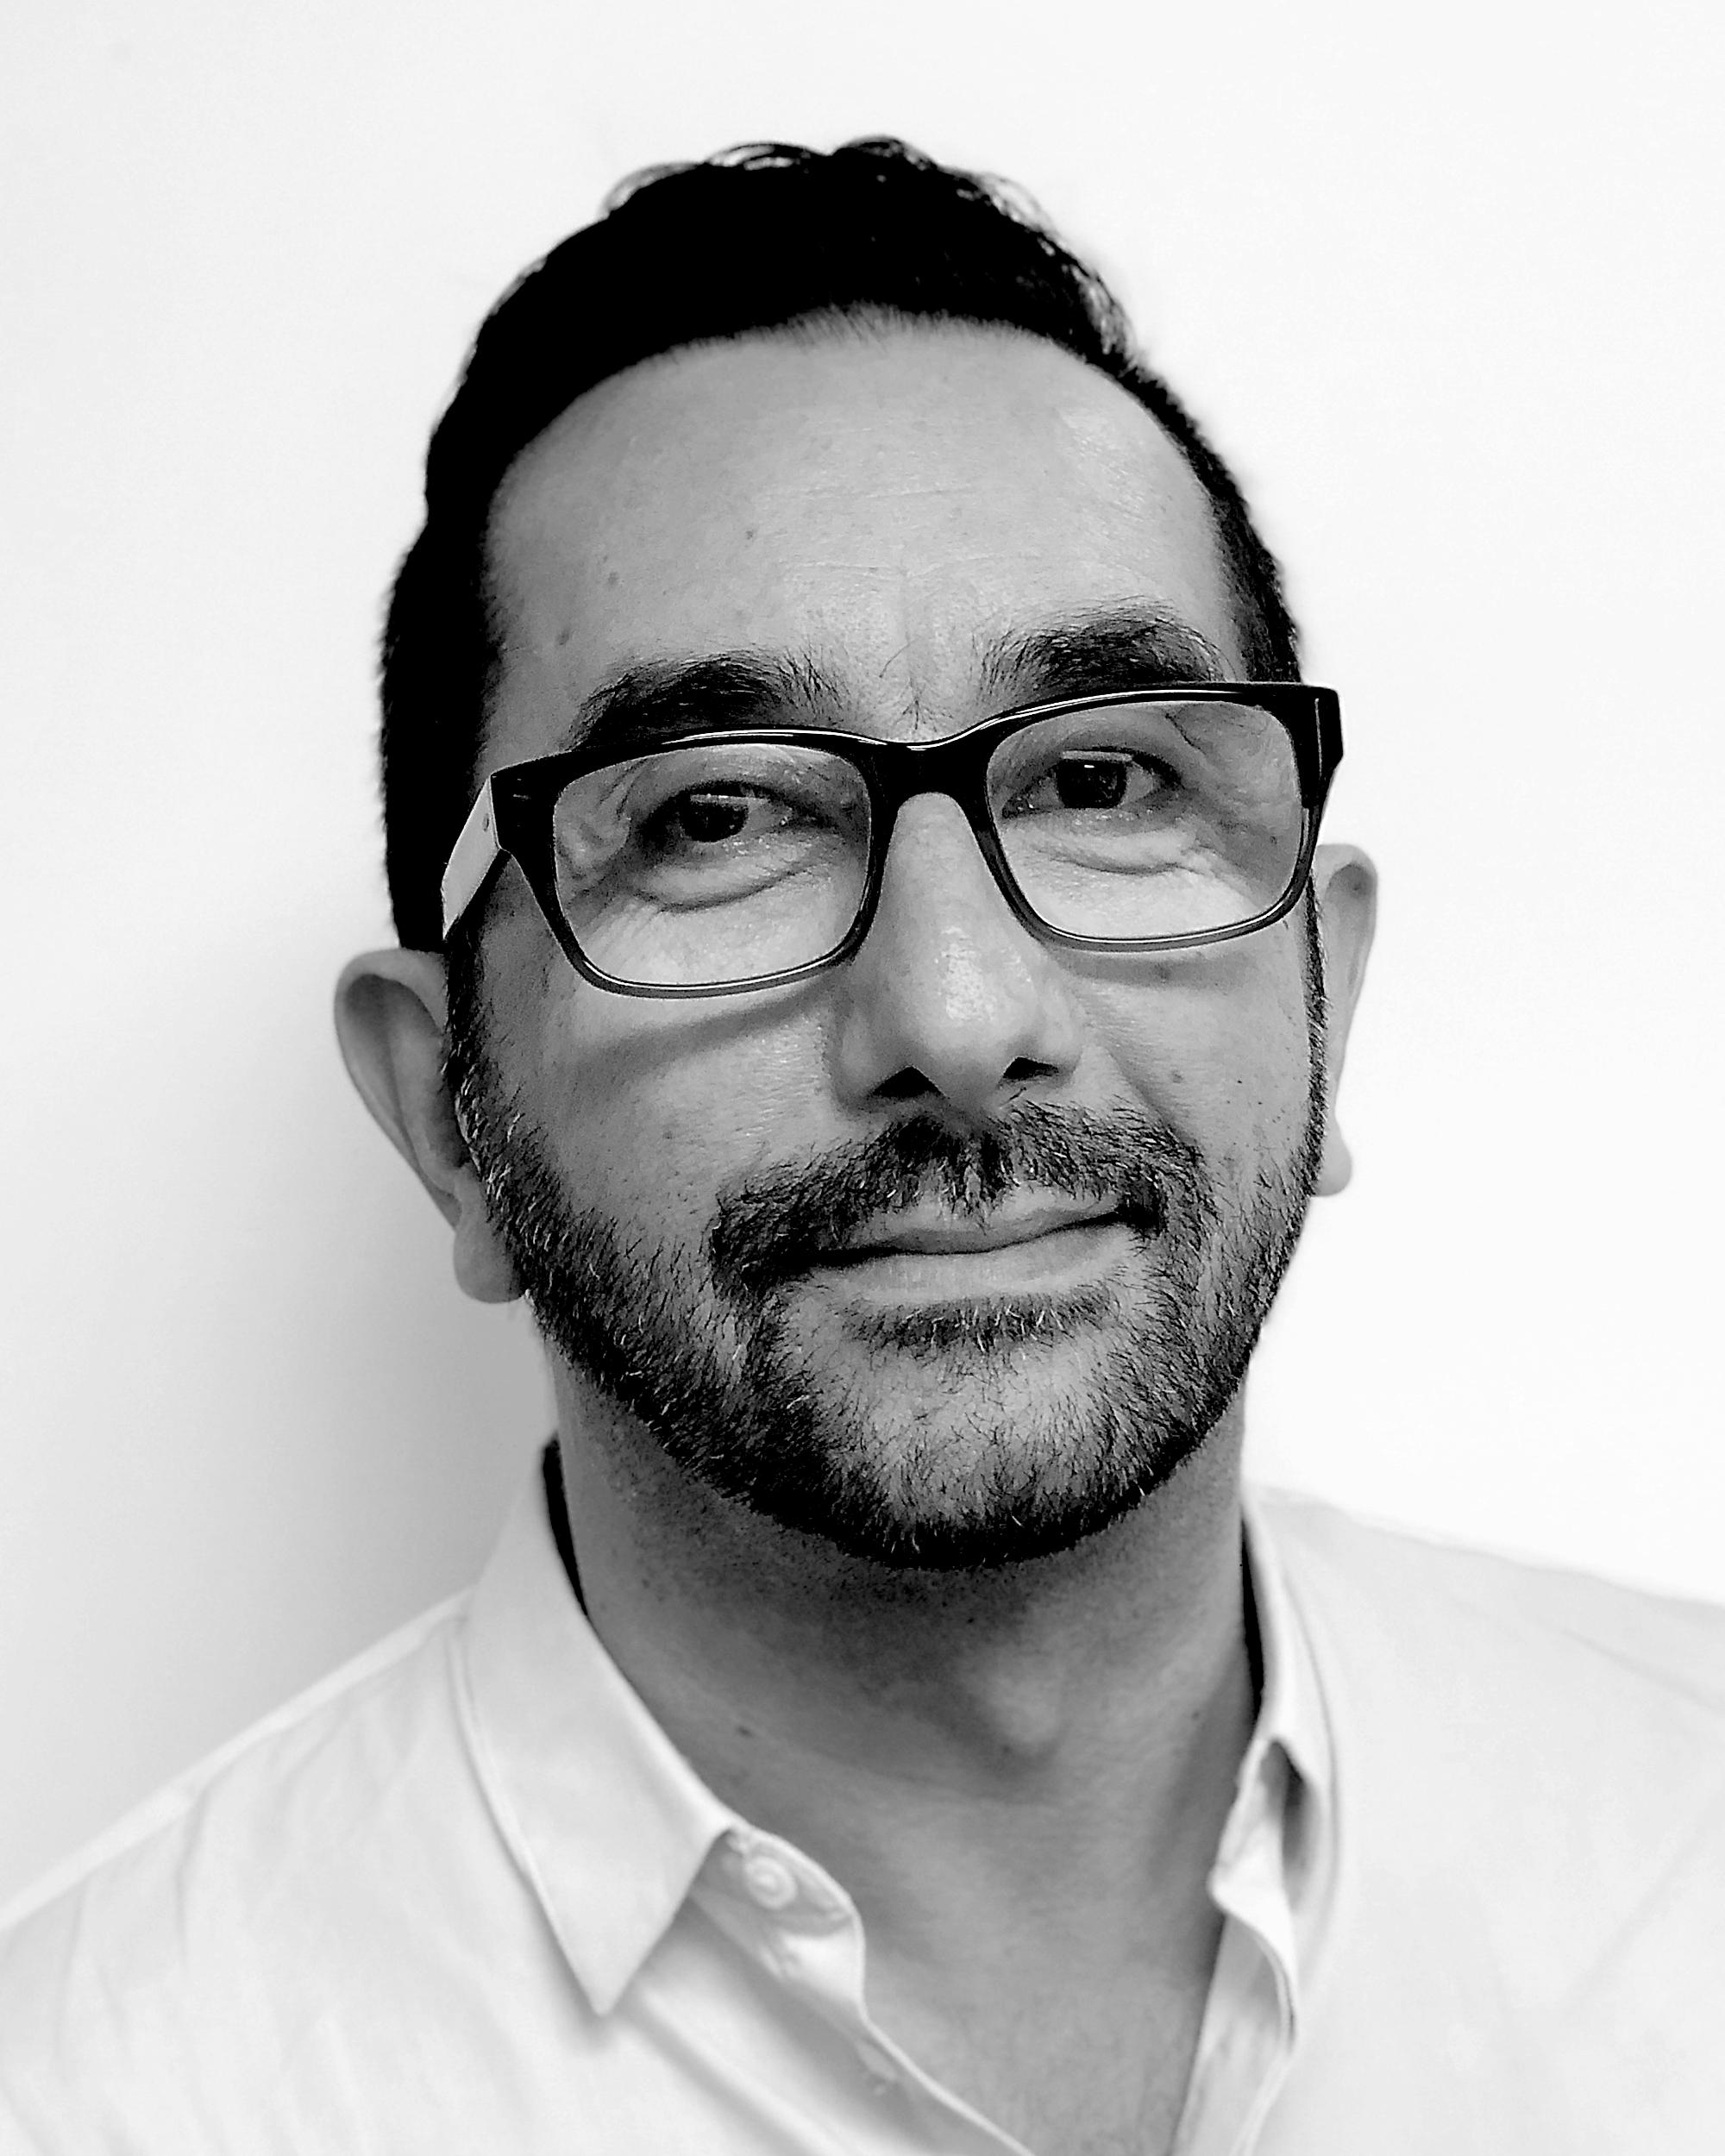 Headshot of Nuno Moreira